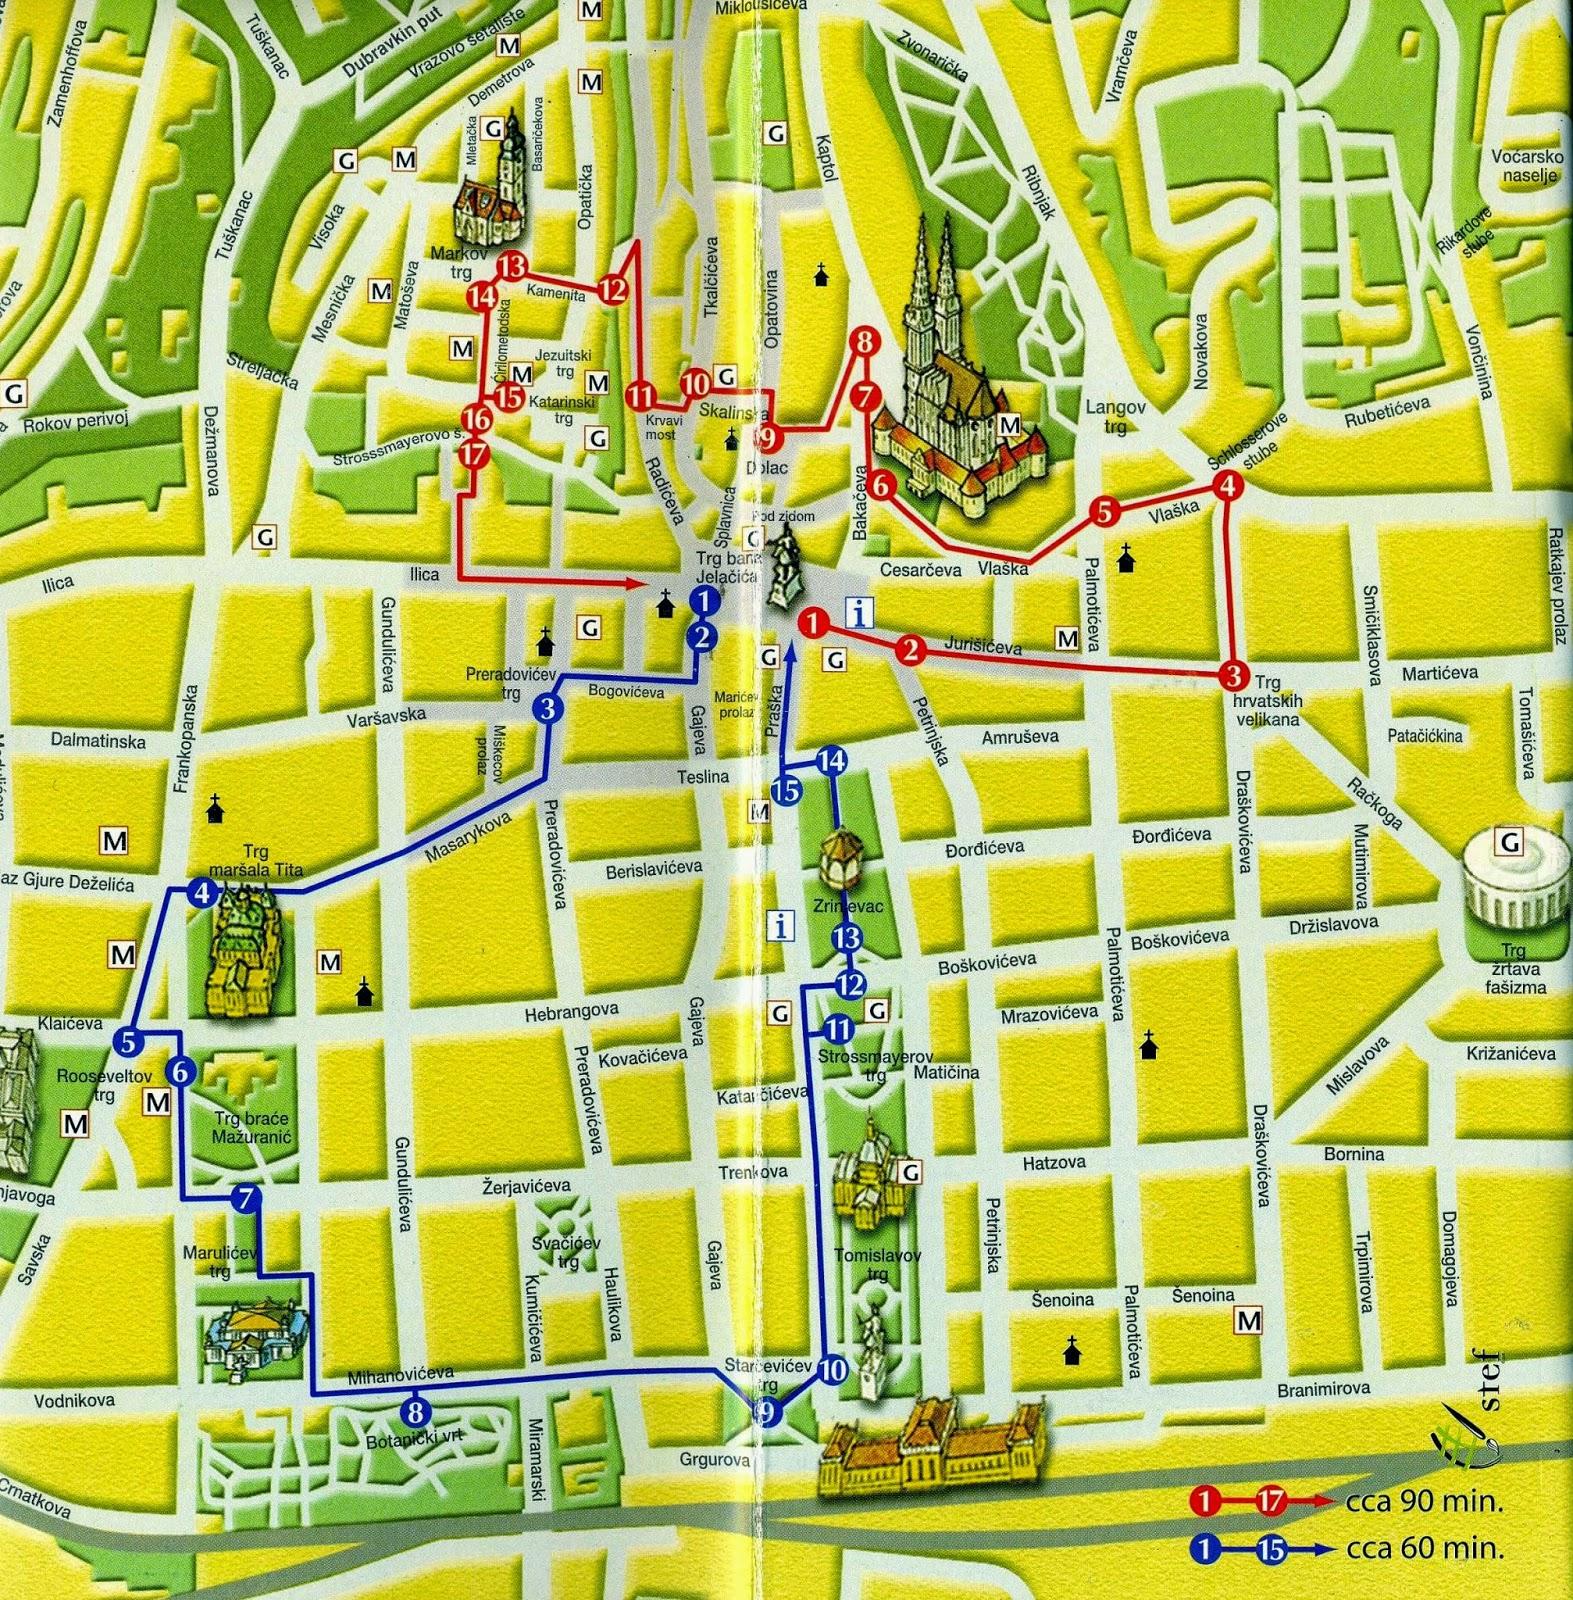 Cartina Zagabria.Itinerario Zagabria La Capitale Croata E I Suoi Musei